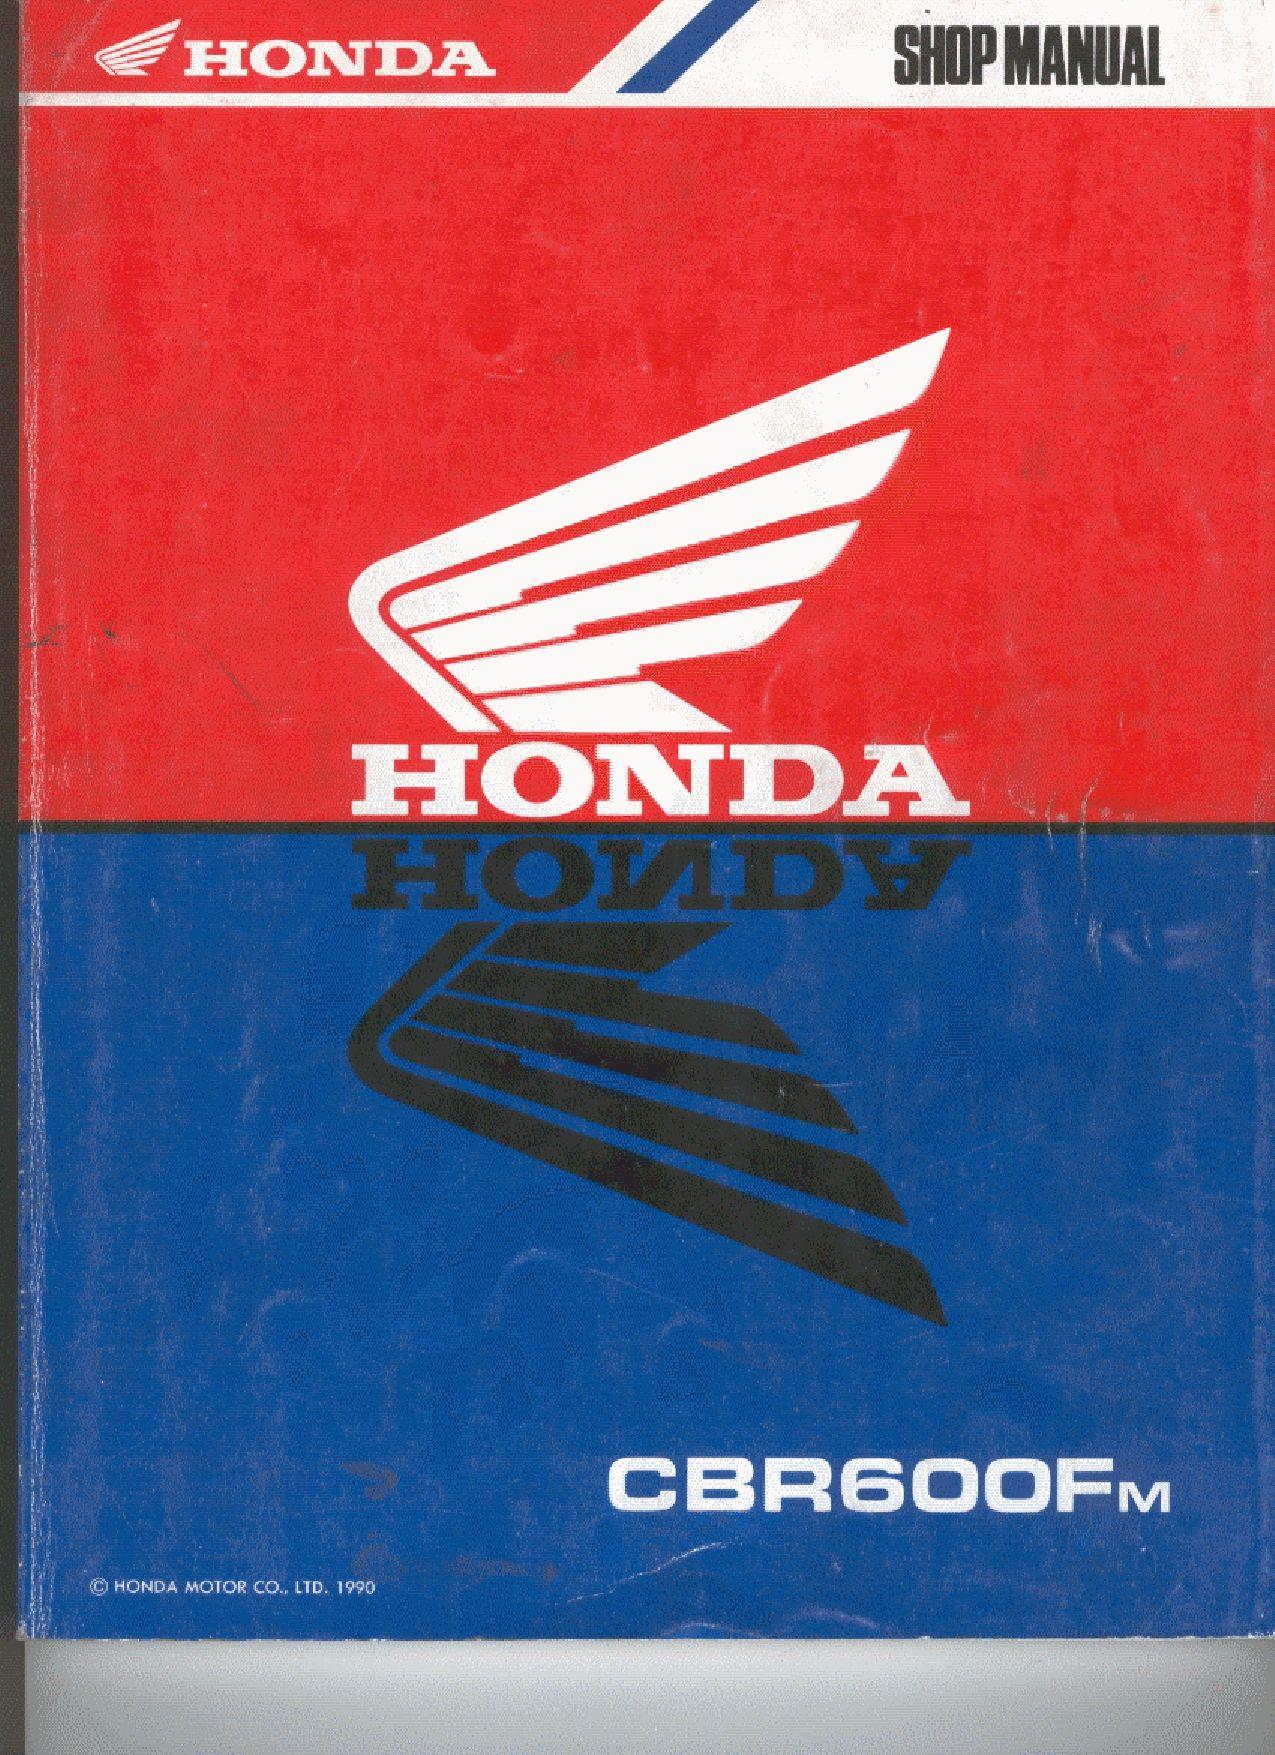 Honda Cbr 600 Fm 19891990 Repair Manual Pdf Download Service Manual Repair Manual Pdf Download Repair Manuals Honda Manual